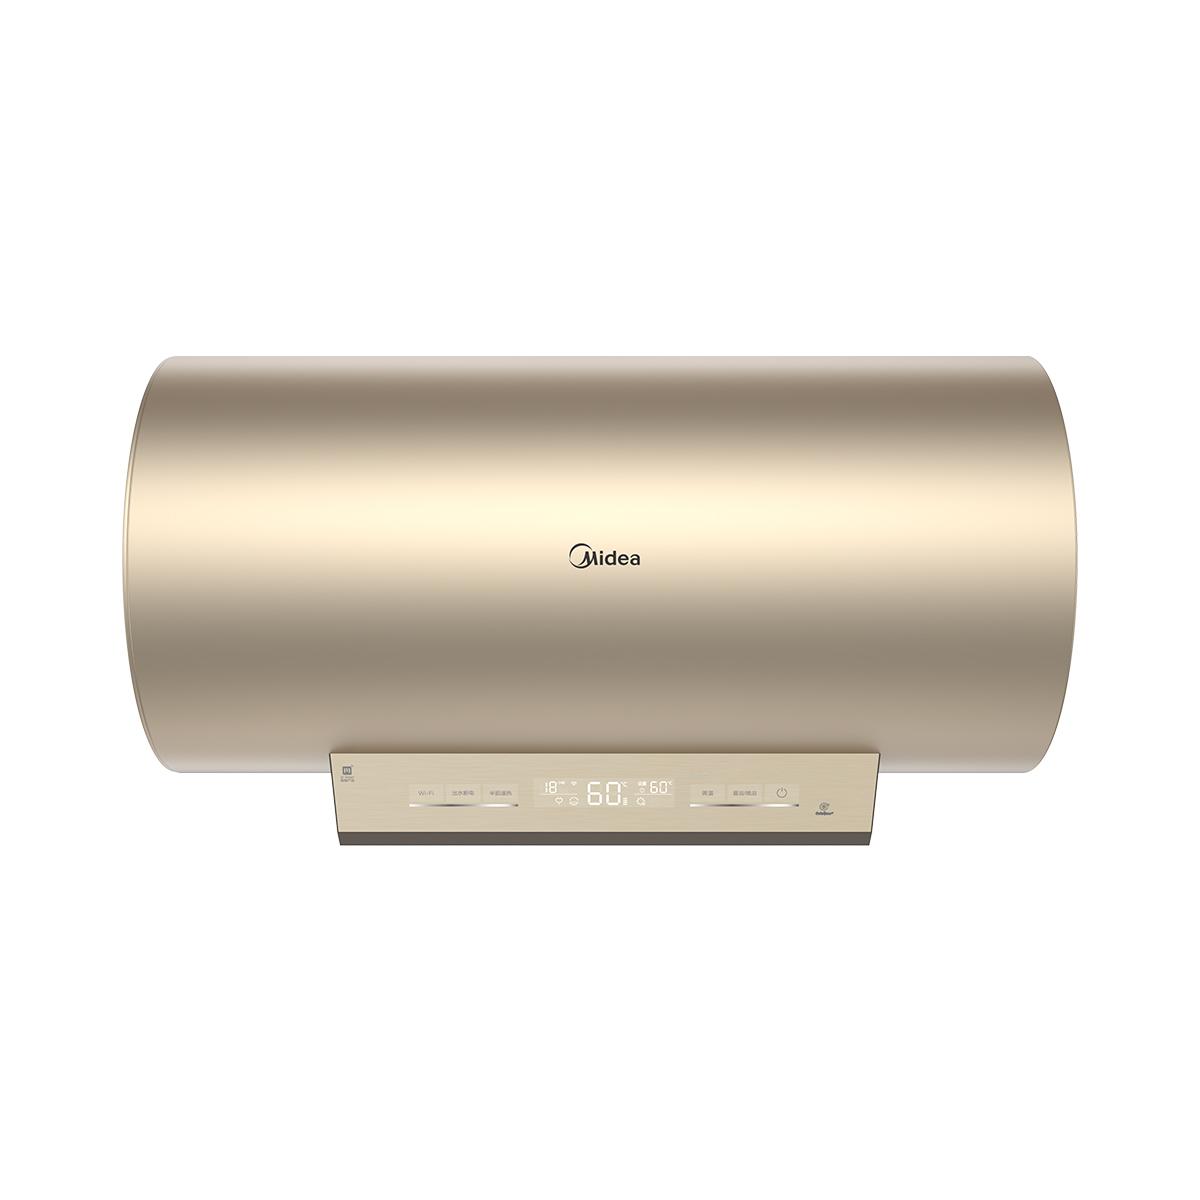 Midea/美的 F6030-TM6(HEY)电热水器 说明书.pdf